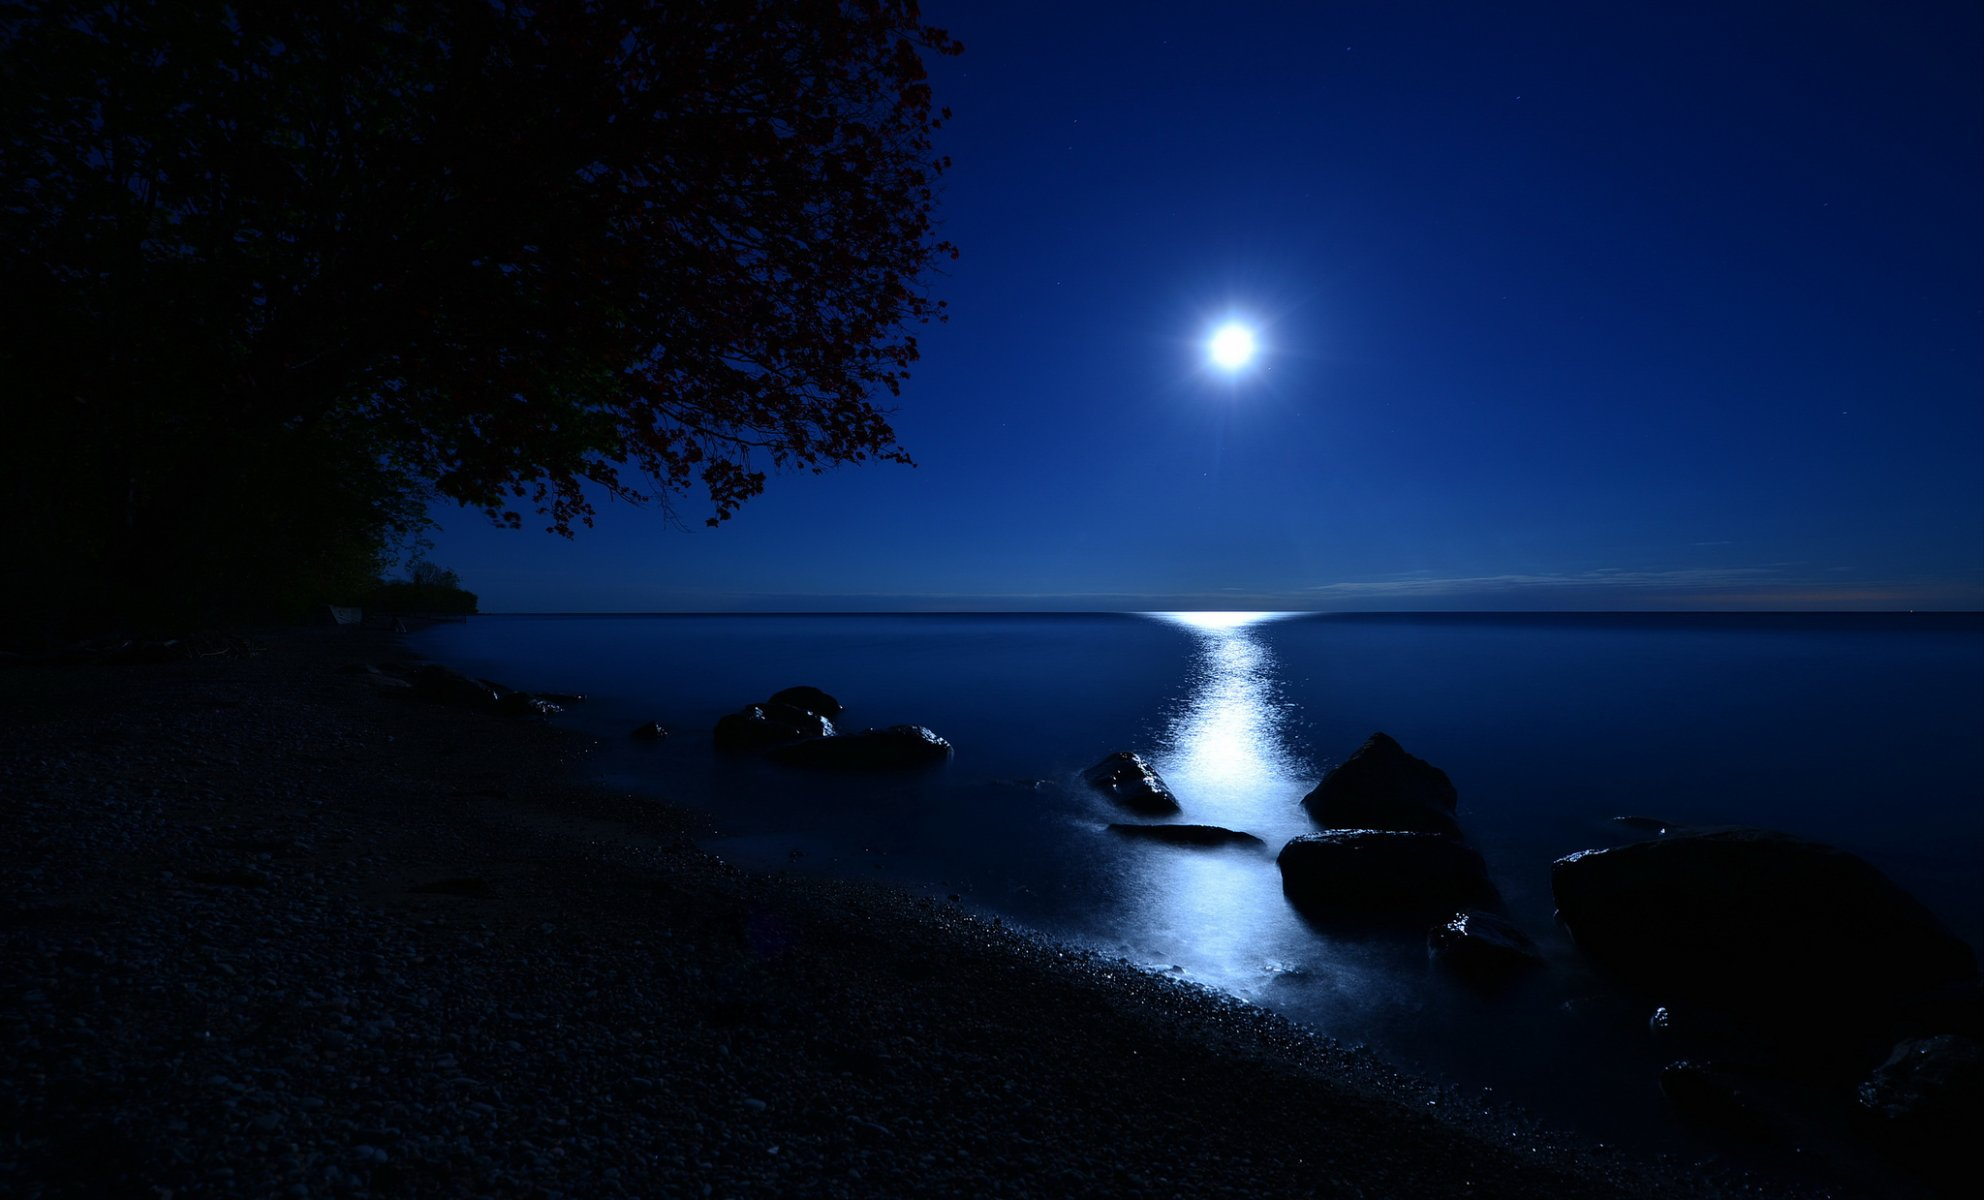 под картинка ночной берег озера пускай наш